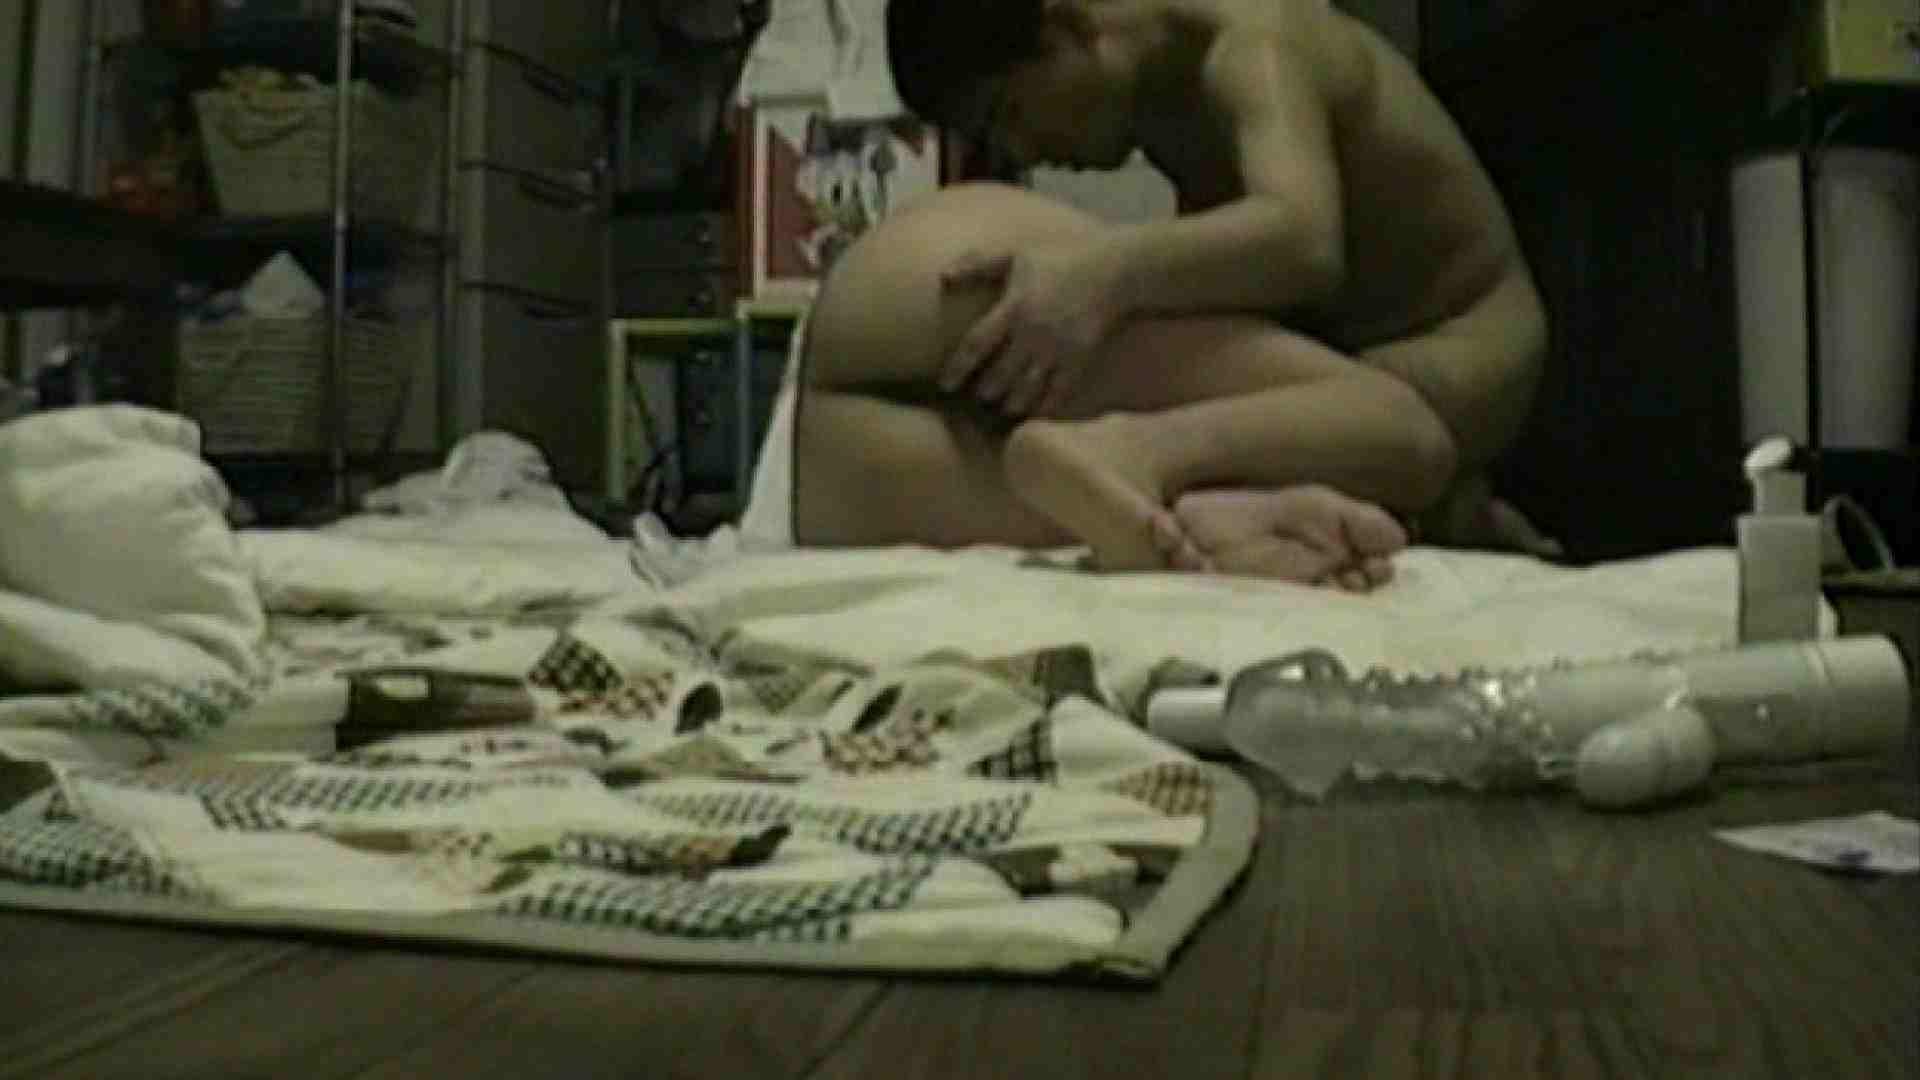 最愛の妻 TAKAKO 愛のSEX Vol.03 SEX映像  87連発 80